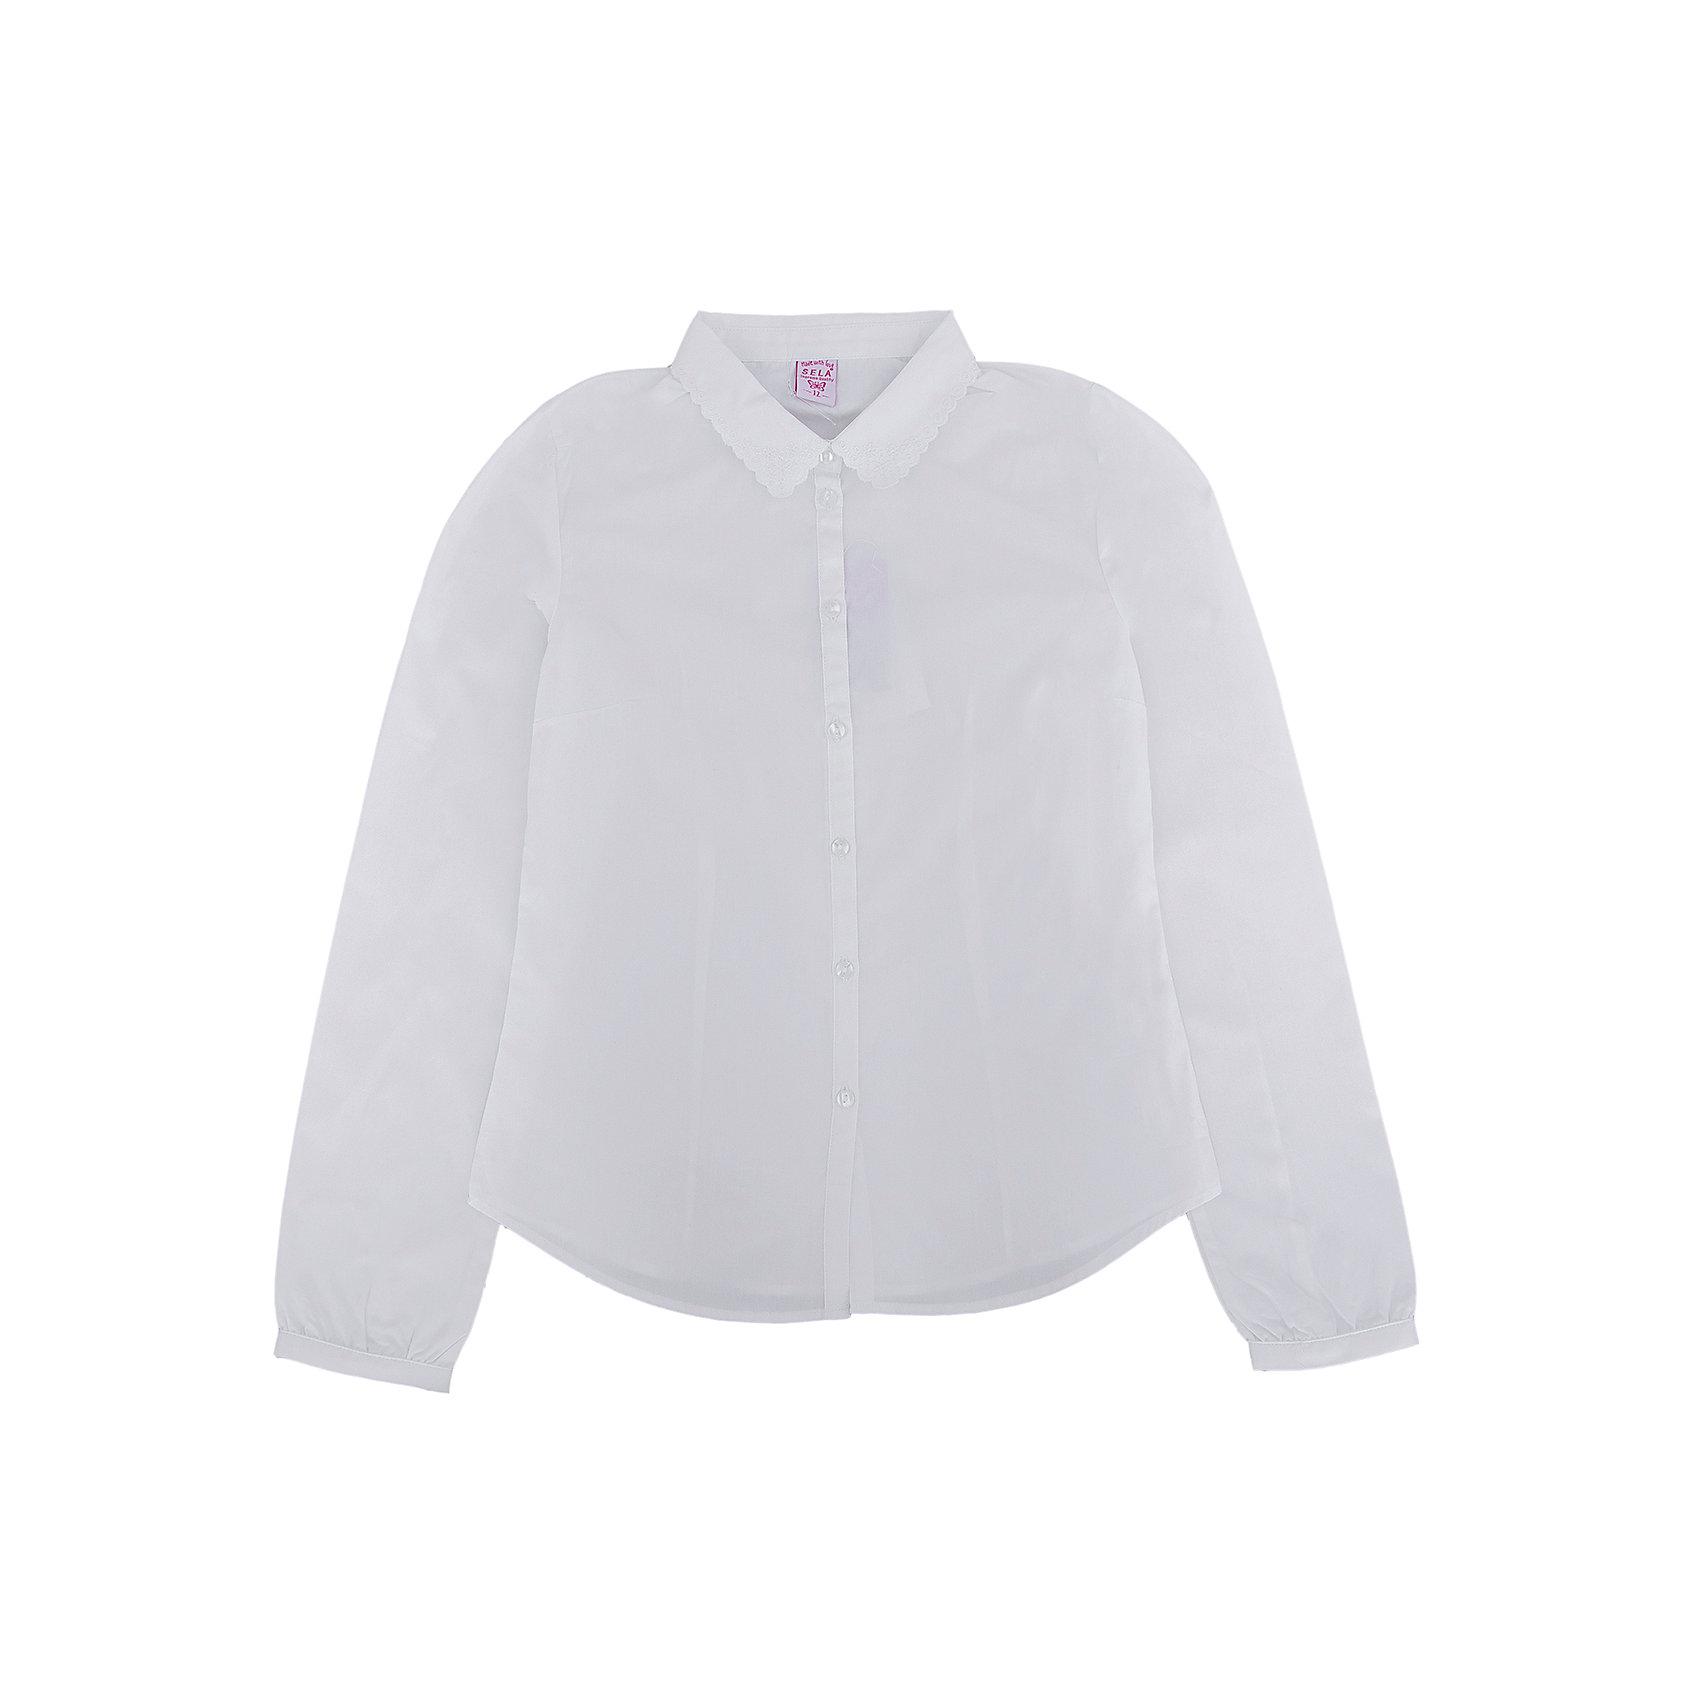 Блузка для девочки SELAНежная блузка с красивым воротничком для девочки необходимый атрибут в гардеробе юной леди.<br><br>У блузки приталенный крой, поэтому она хорошо будет смотреться с юбками и брюками, так же ее можно одеть под аккуратный школьный сарафан.<br><br>Дополнительная информация:<br><br>- Приталенный крой.<br>- Длинный рукав, с манжетой.<br>- Состав: хлопок - 100%<br>- Бренд: SELA<br>- Коллекция: осень-зима 2016-2017<br><br>Купить блузку для девочки от SELA можно в нашем магазине.<br><br>Ширина мм: 186<br>Глубина мм: 87<br>Высота мм: 198<br>Вес г: 197<br>Цвет: белый<br>Возраст от месяцев: 168<br>Возраст до месяцев: 180<br>Пол: Женский<br>Возраст: Детский<br>Размер: 170,152,158,164<br>SKU: 4883444